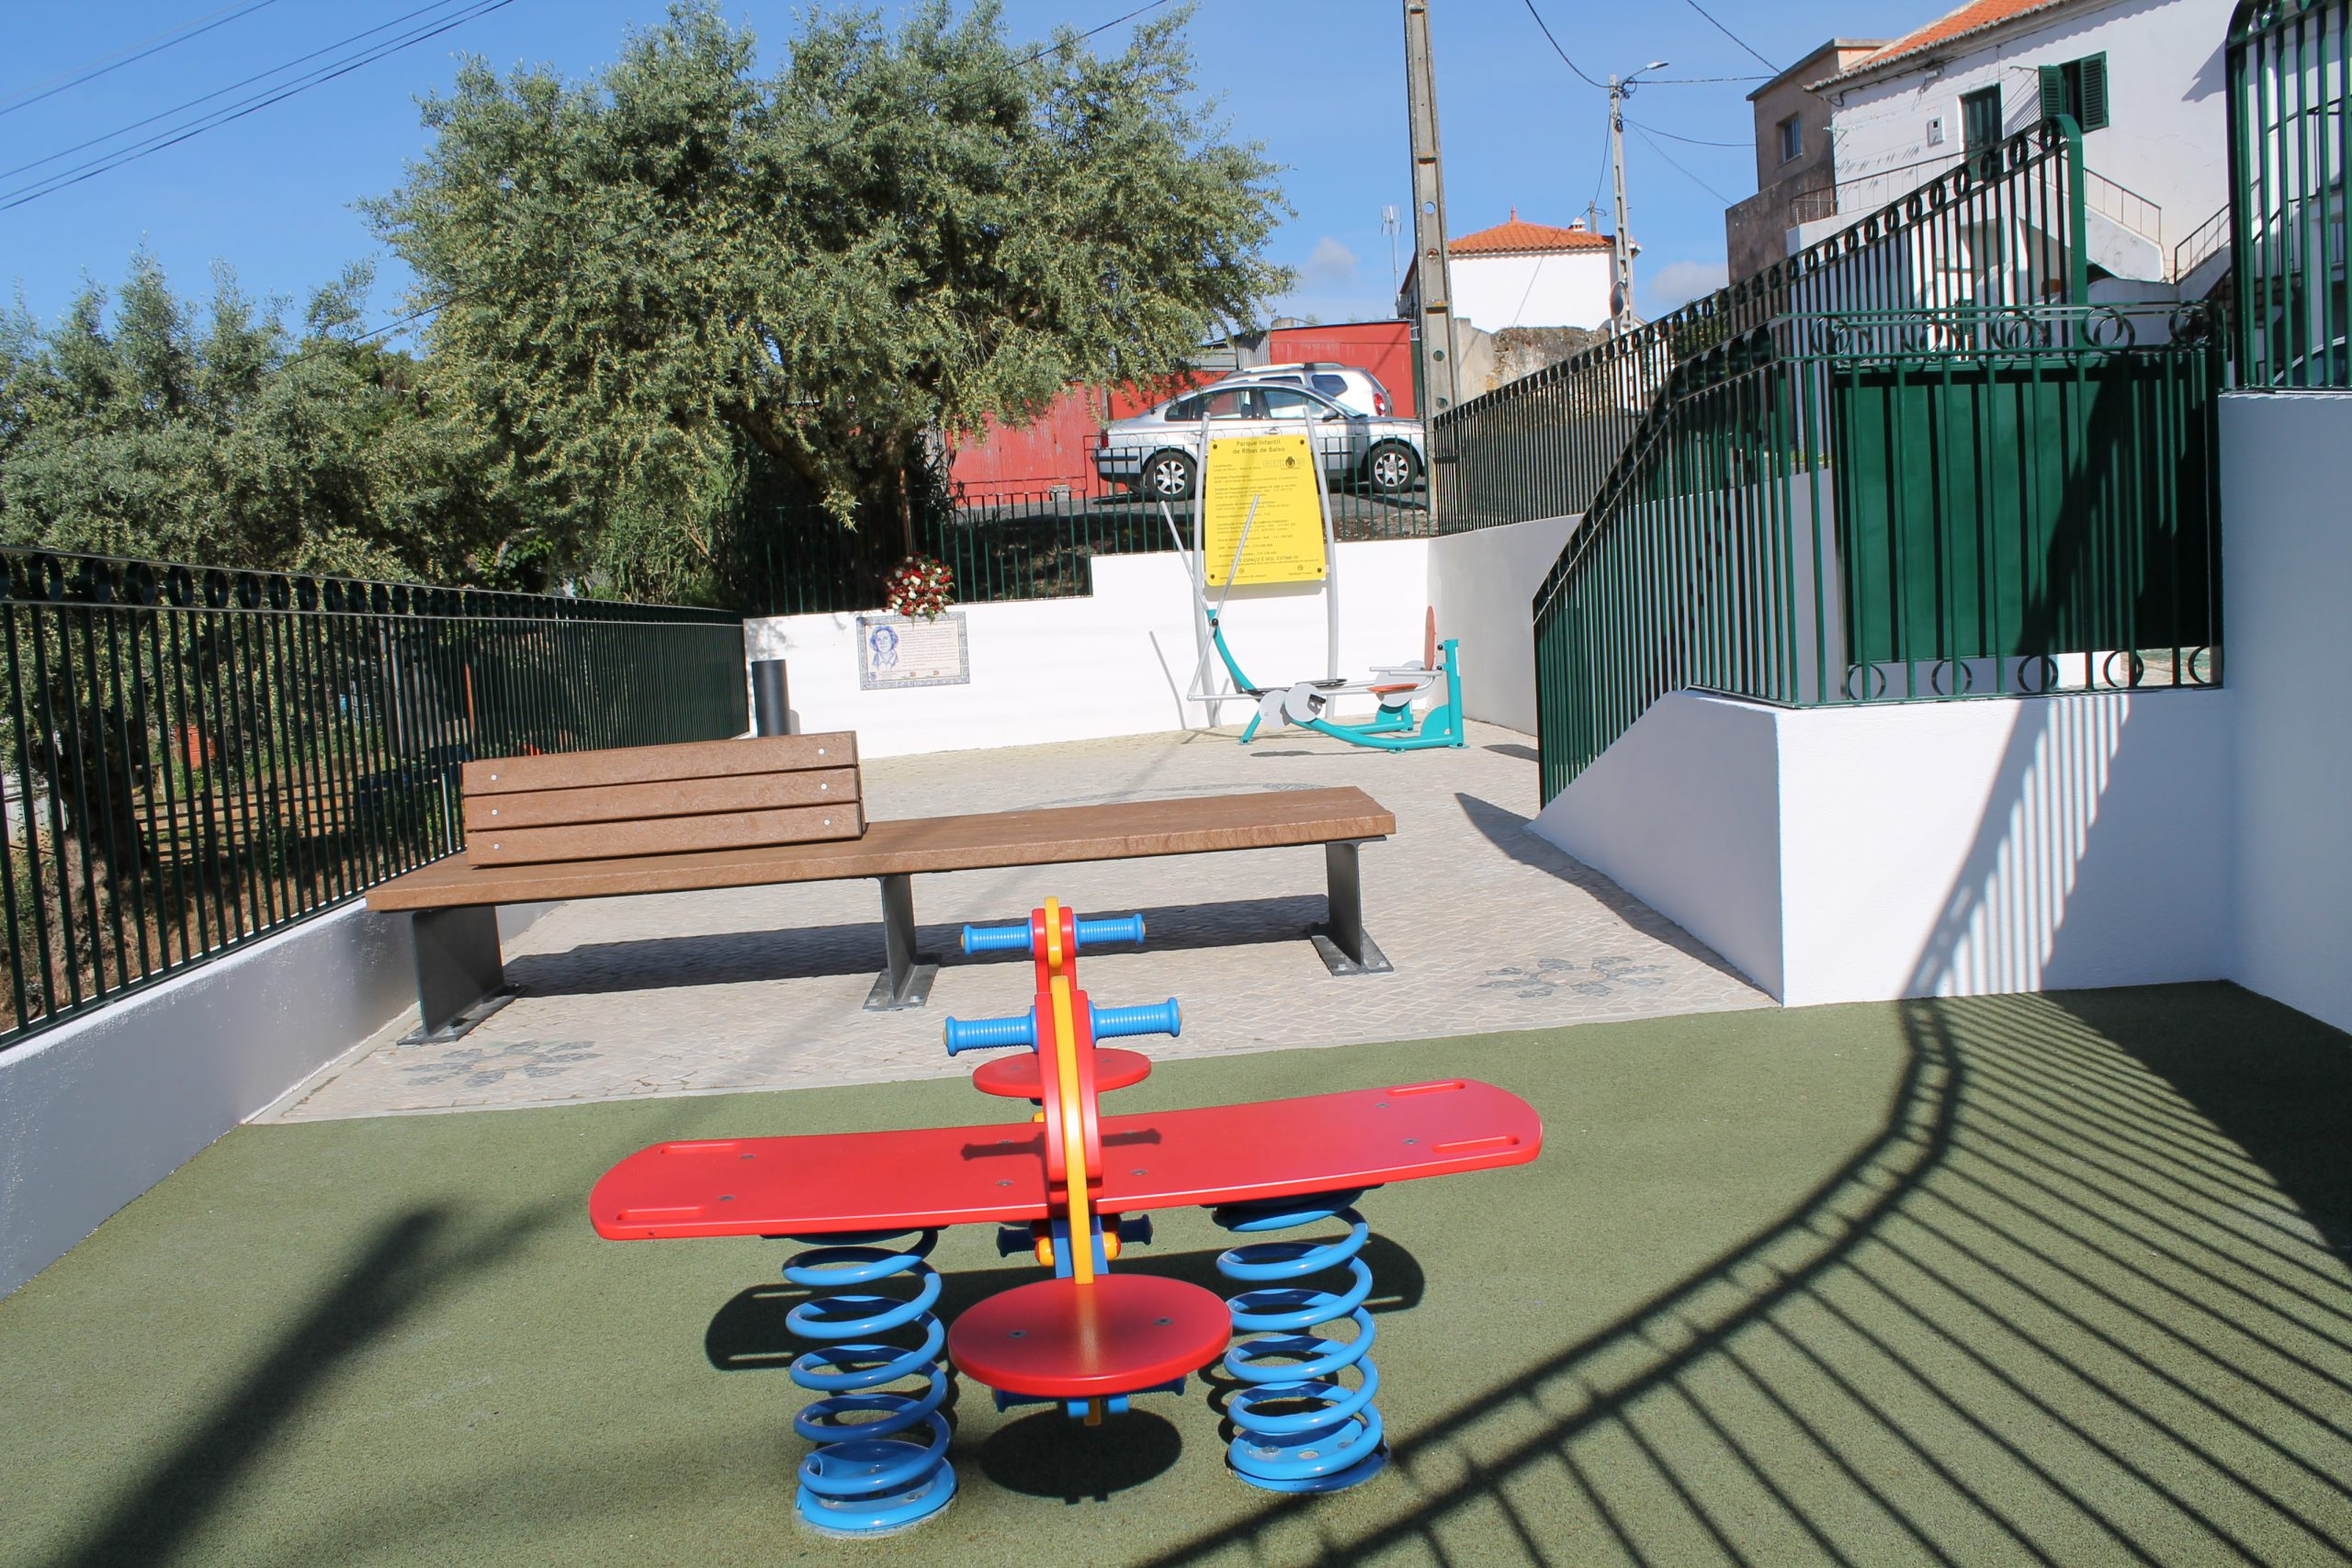 RIBAS DE BAIXO -(rb) Parque Infantil de Ribas de Baixo – Novo Brinquedo e Equipamentos Geriátricos num novo espaço até então inexistente o Parque Maria Antonieta Duarte.